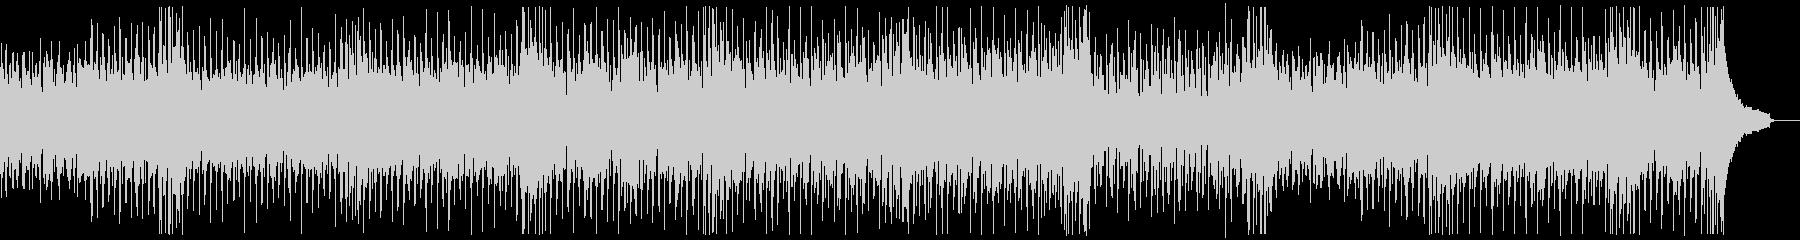 ファンキーイベントオープニング:フルx1の未再生の波形